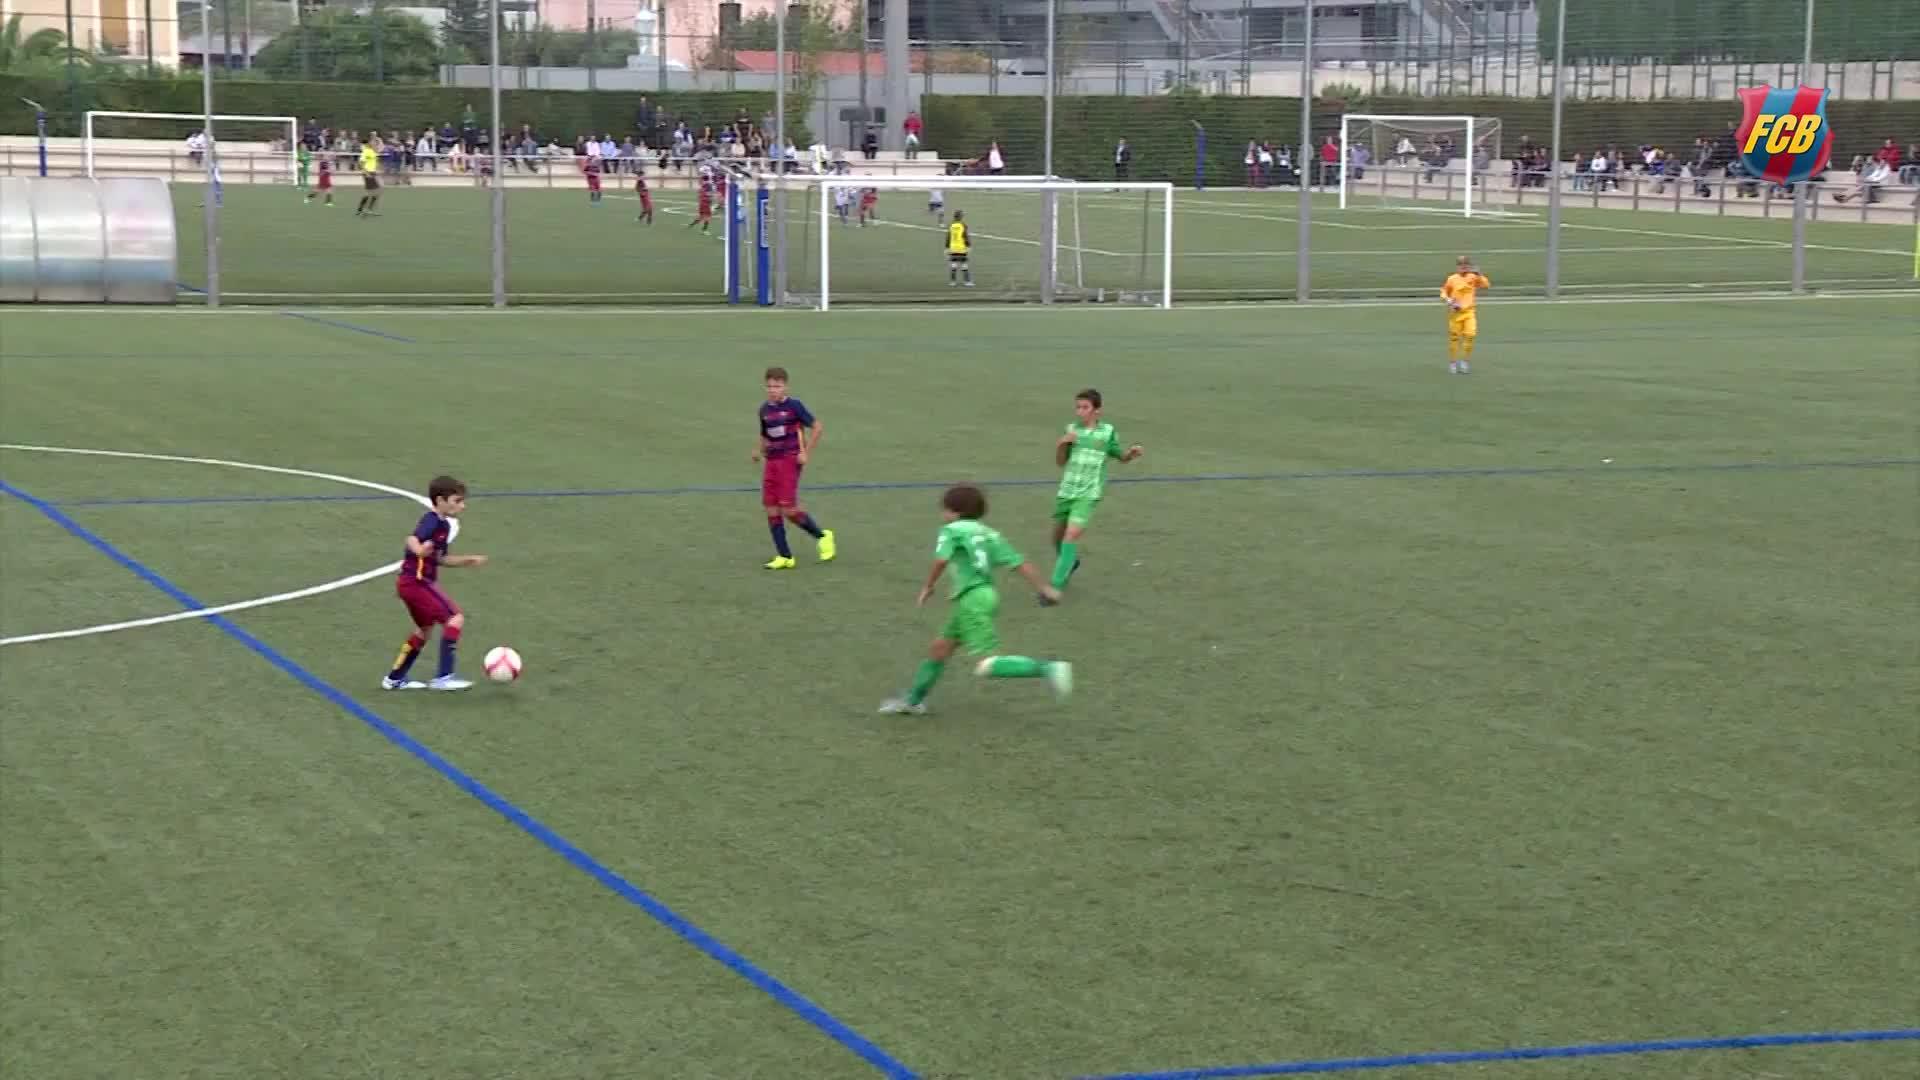 La calidad y la fantasía de un alevín del Barça lo hacen viral